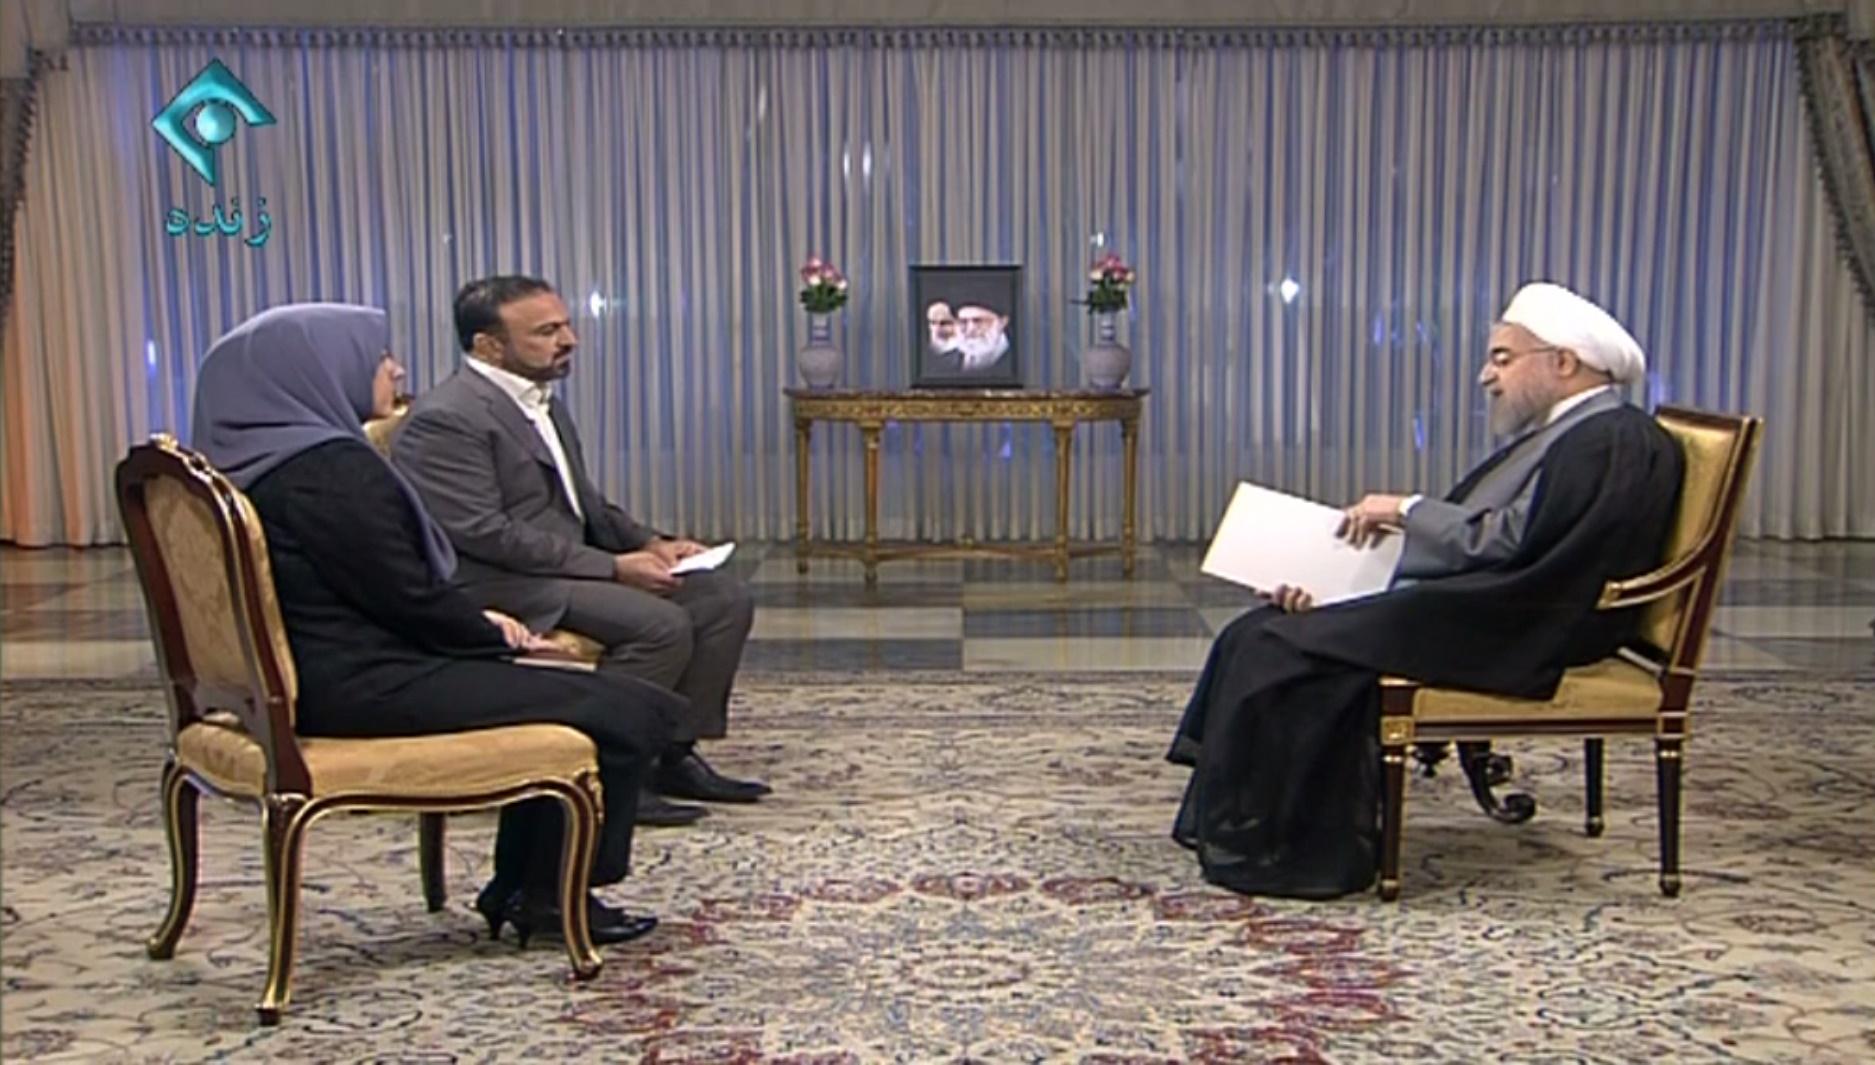 فیلم | گزیده اظهارات روحانی در گفتوگوی تلویزیونی با مردم